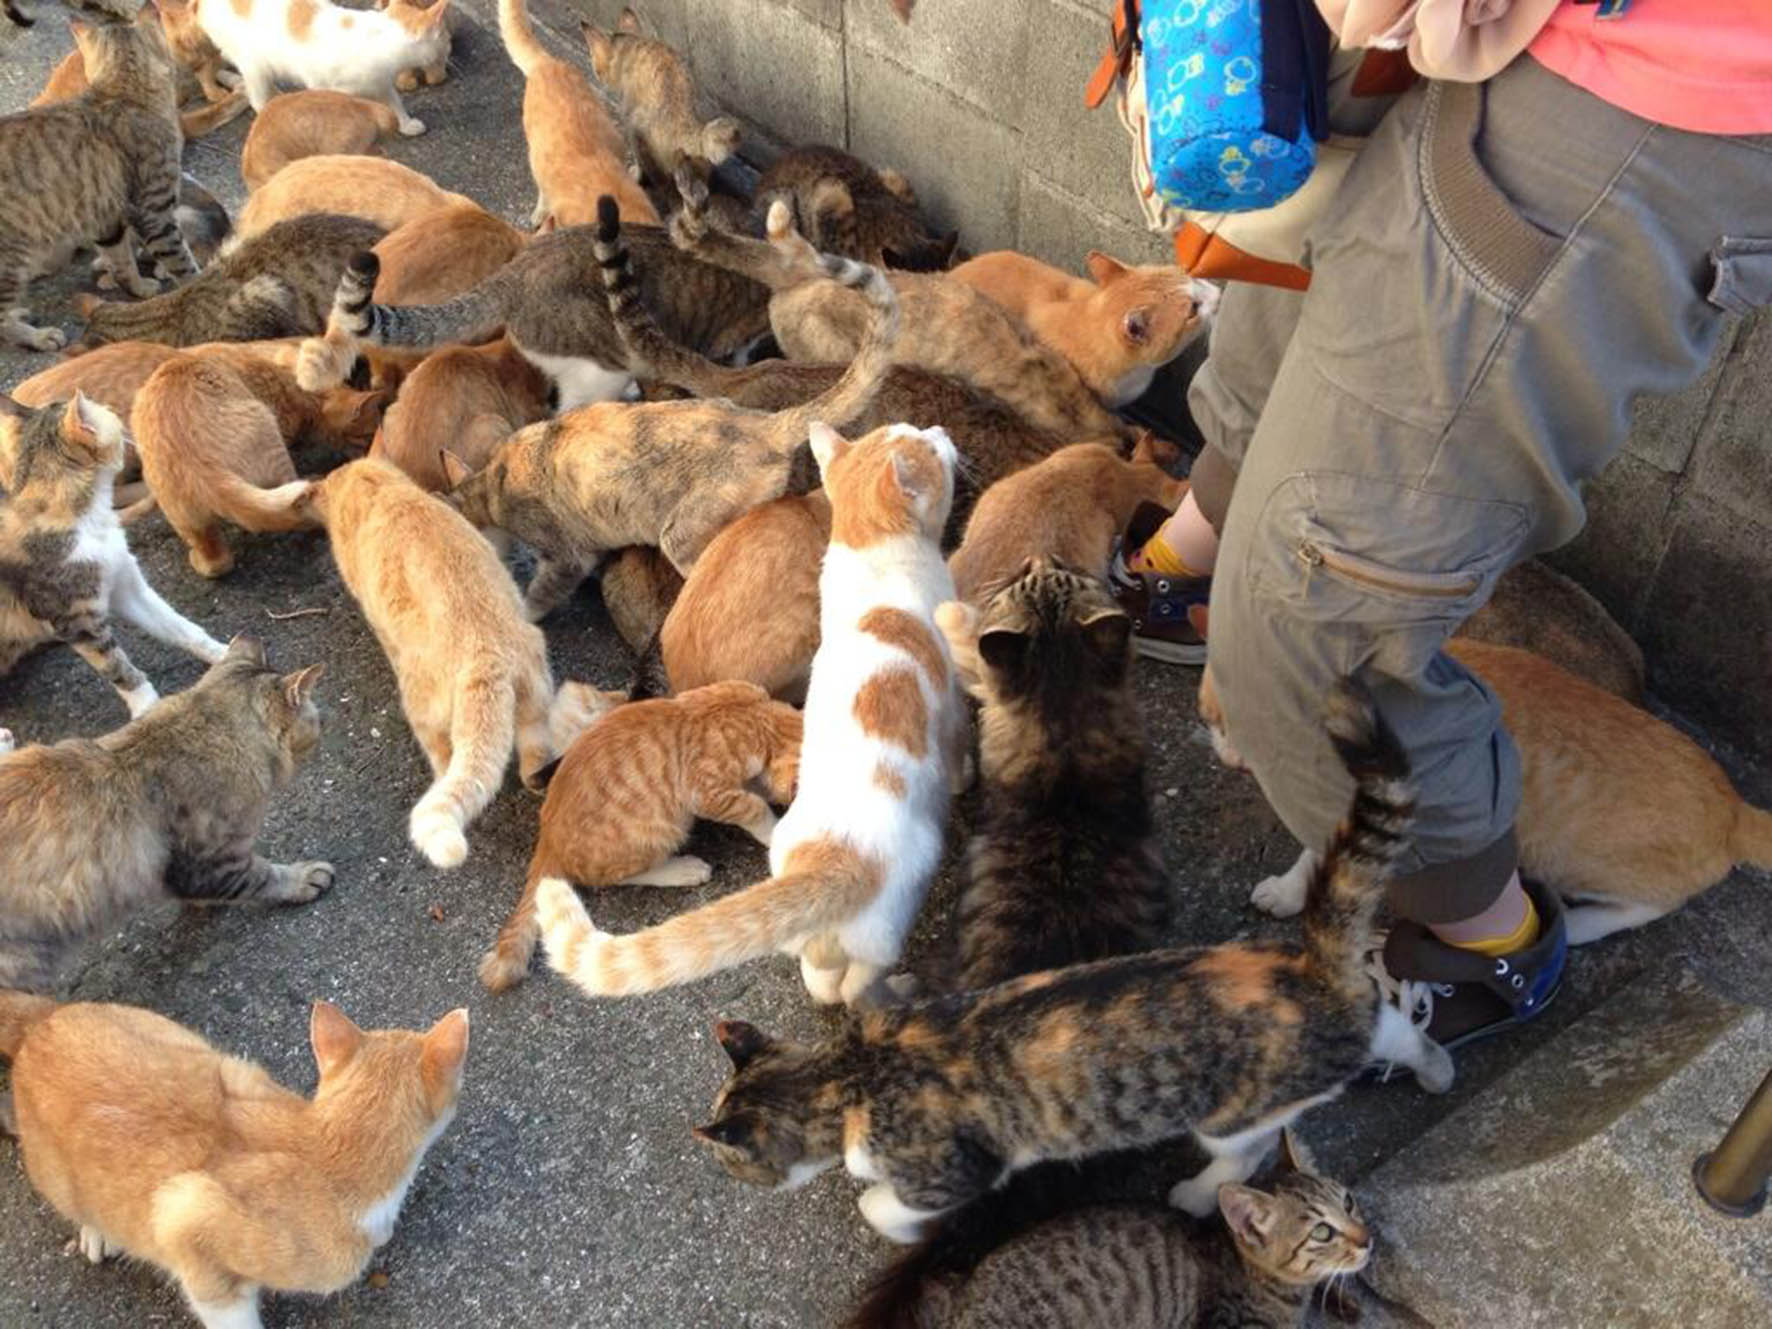 Un problema para la salud, el hacinamiento de animales en  departamentos urbanos: UNAM